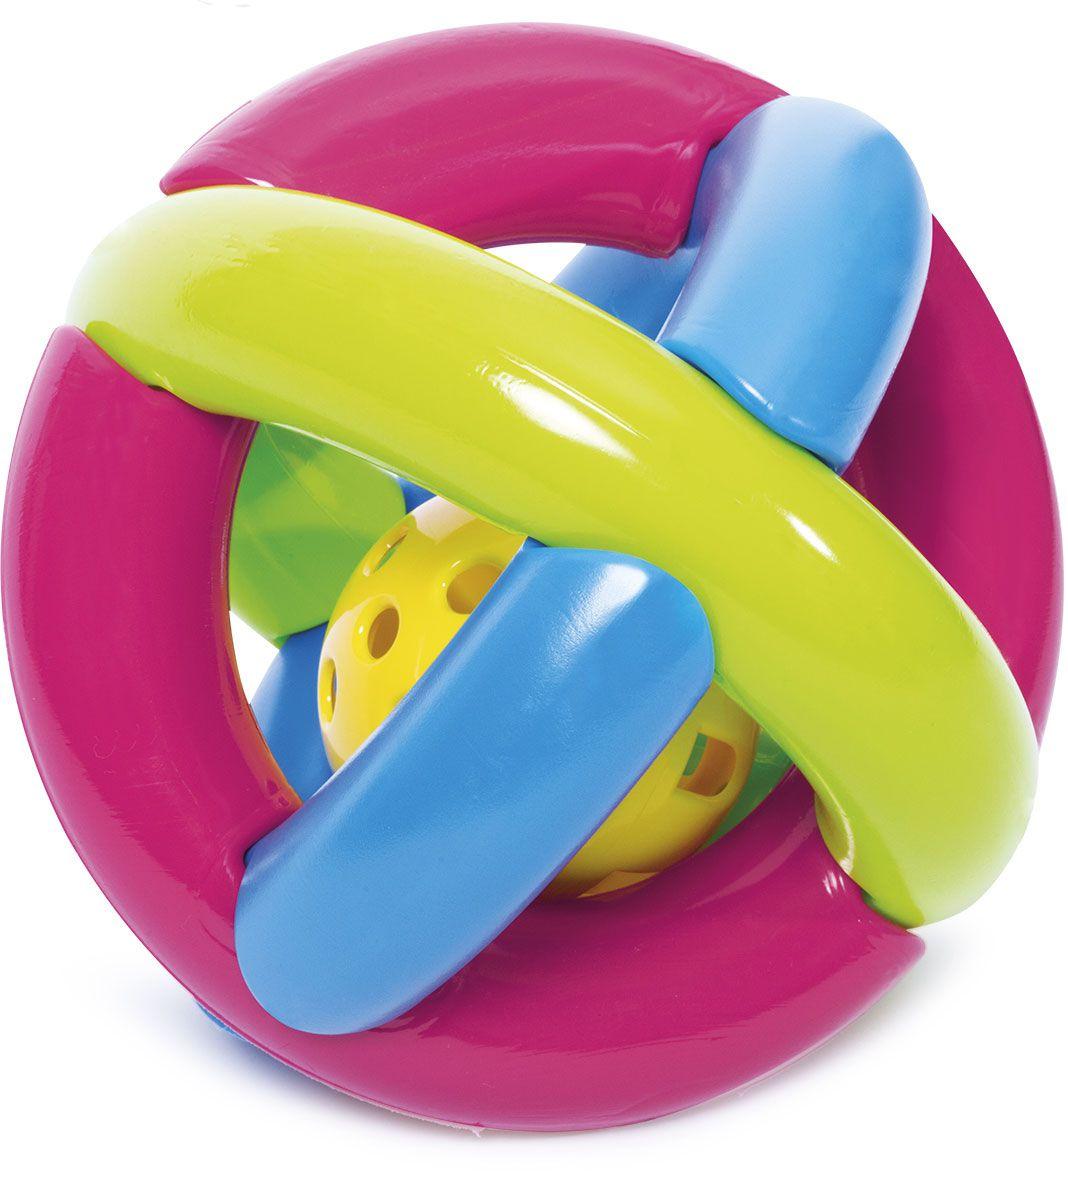 Kit de Brinquedos para bebes de 6 meses a 1 ano